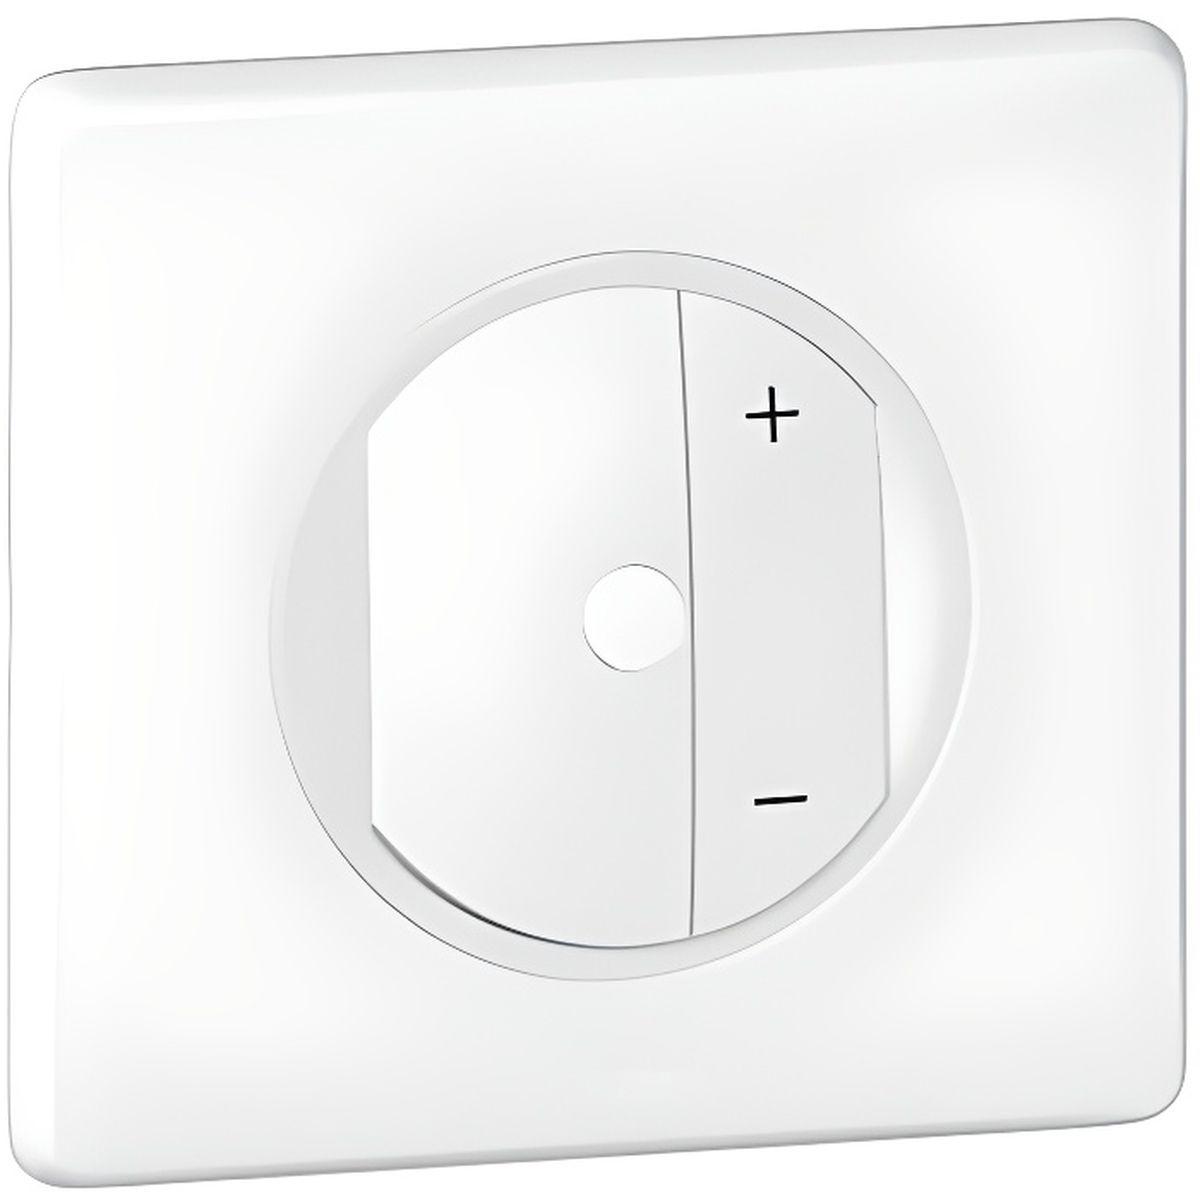 variateur legrand achat vente variateur legrand pas cher les soldes sur cdiscount cdiscount. Black Bedroom Furniture Sets. Home Design Ideas